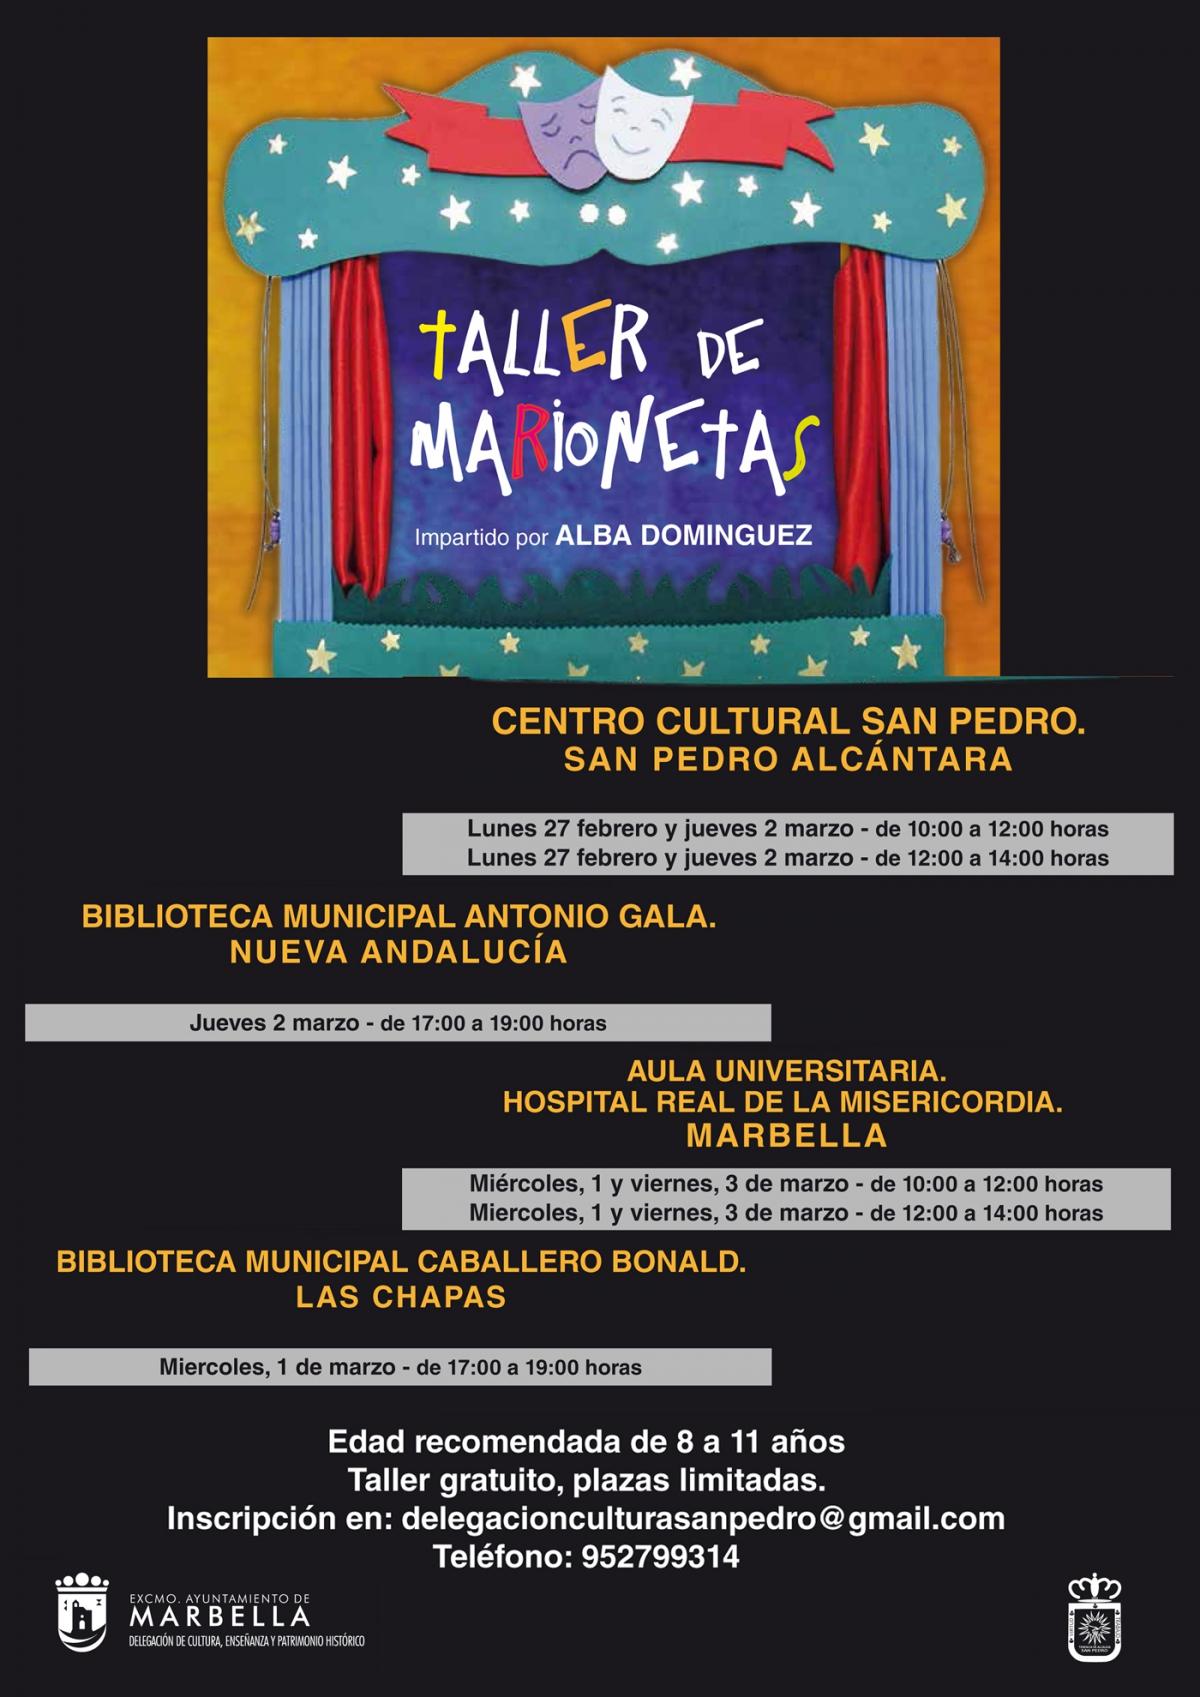 La delegación de Cultura organiza talleres de marionetas durante la Semana Blanca en Marbella, San Pedro, Nueva Andalucía y Las Chapas